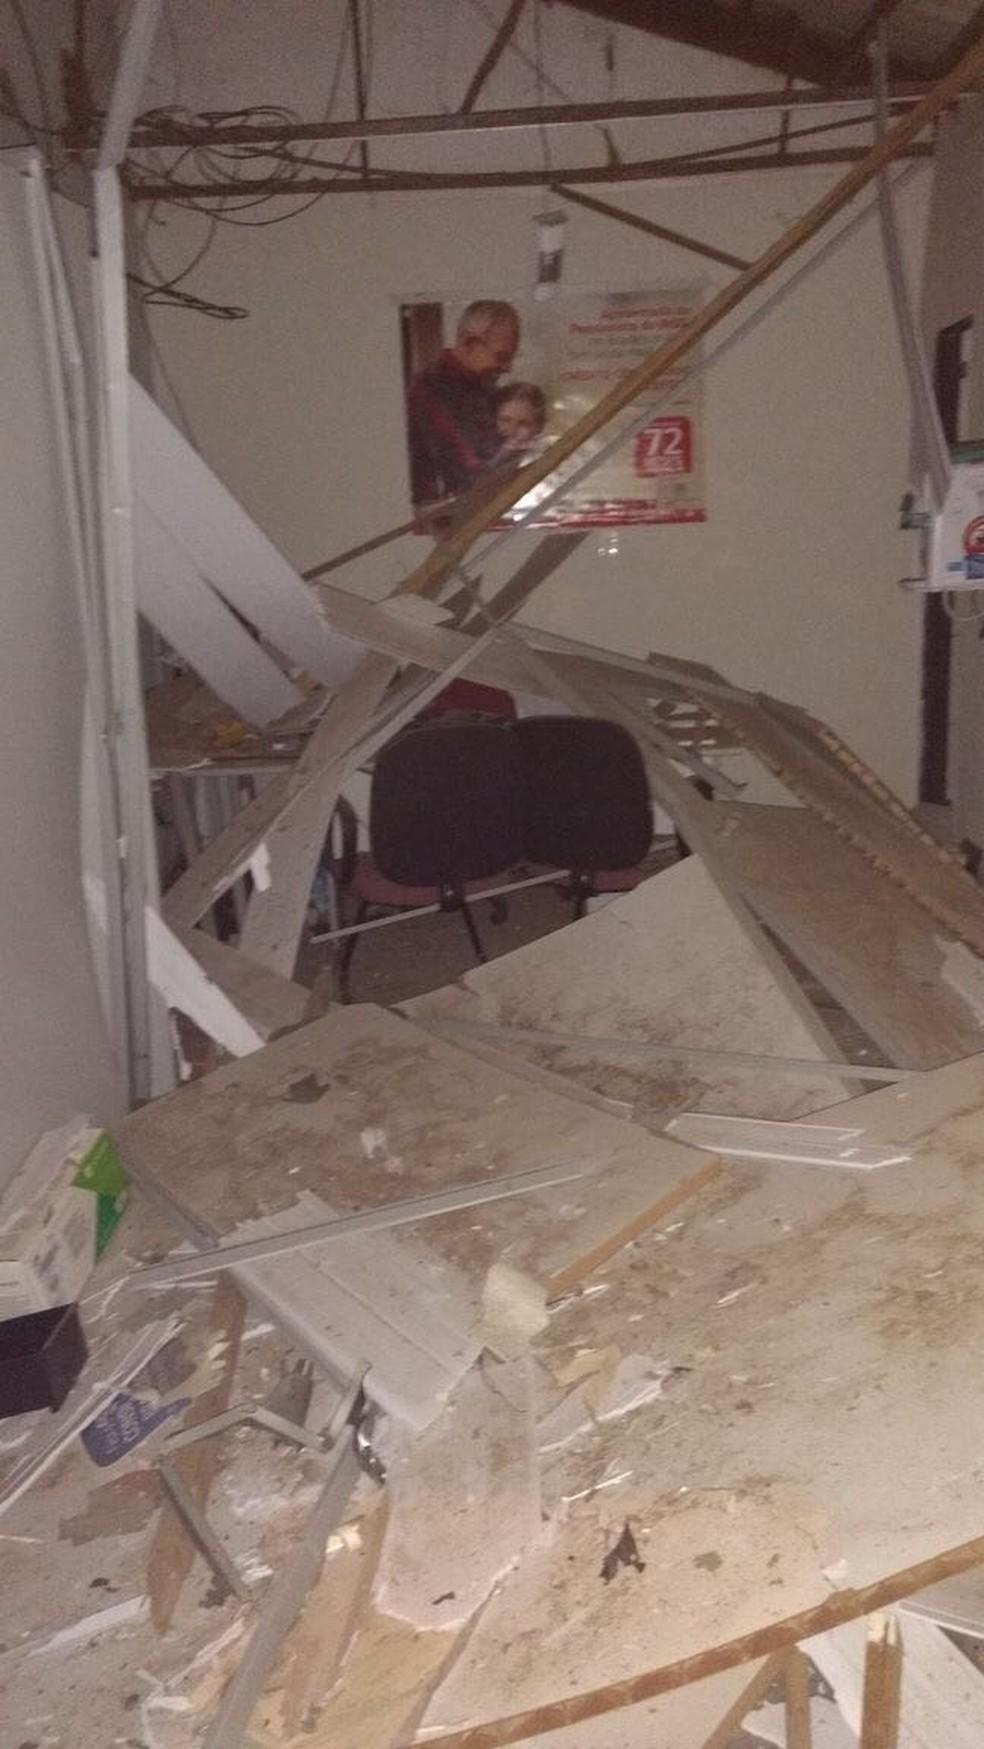 Agência ficou destruída após ação de assaltantes (Foto: Divulgação)